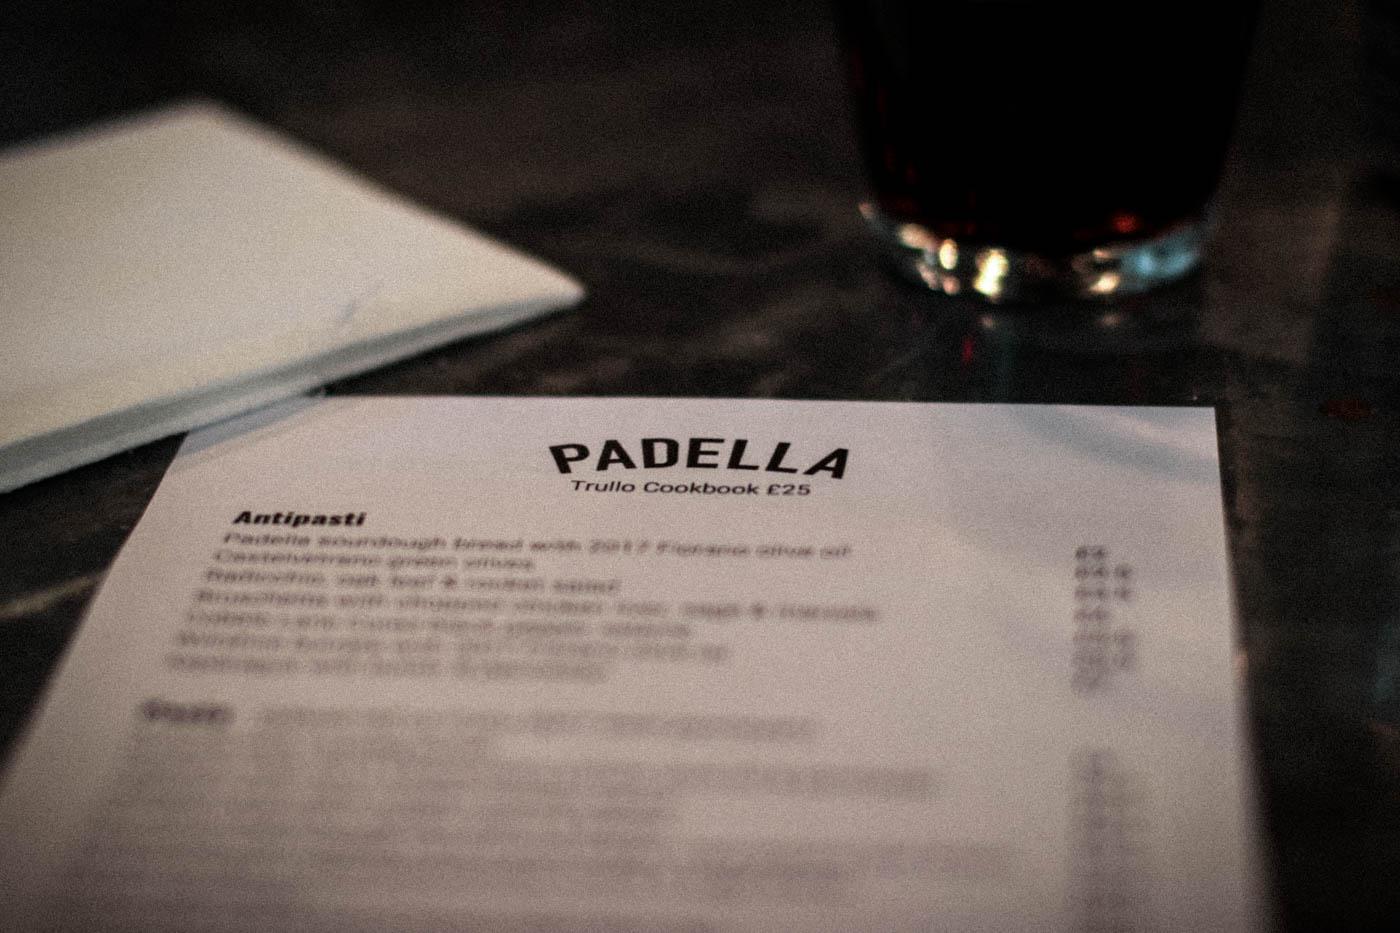 Padella Borough Market